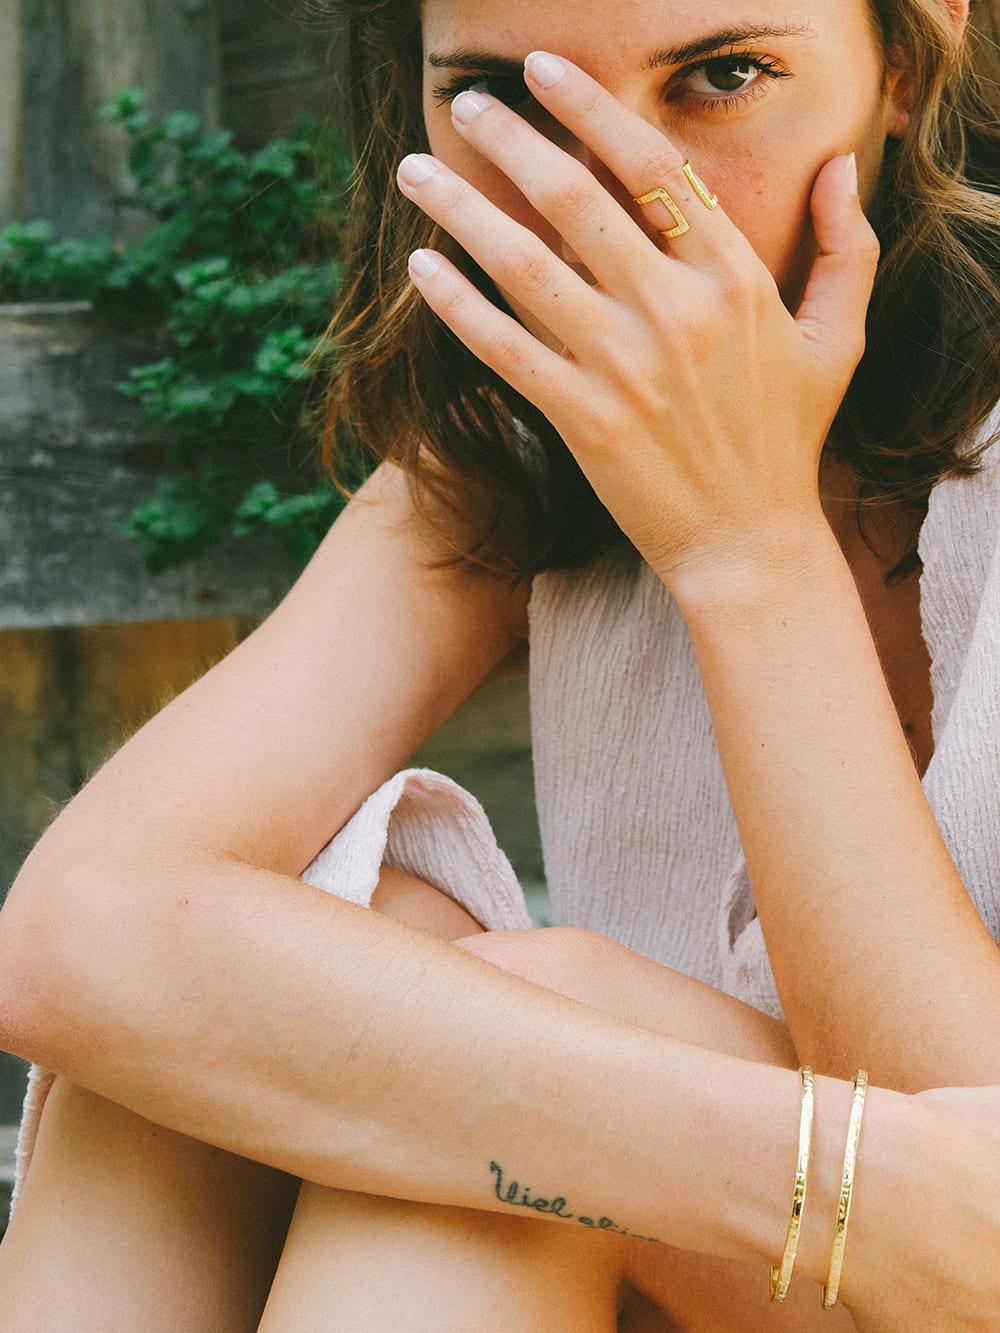 anillo de oro para diario, anillos de oro, martelie barcelona, anillos de diseño para mujer, joyasmarket